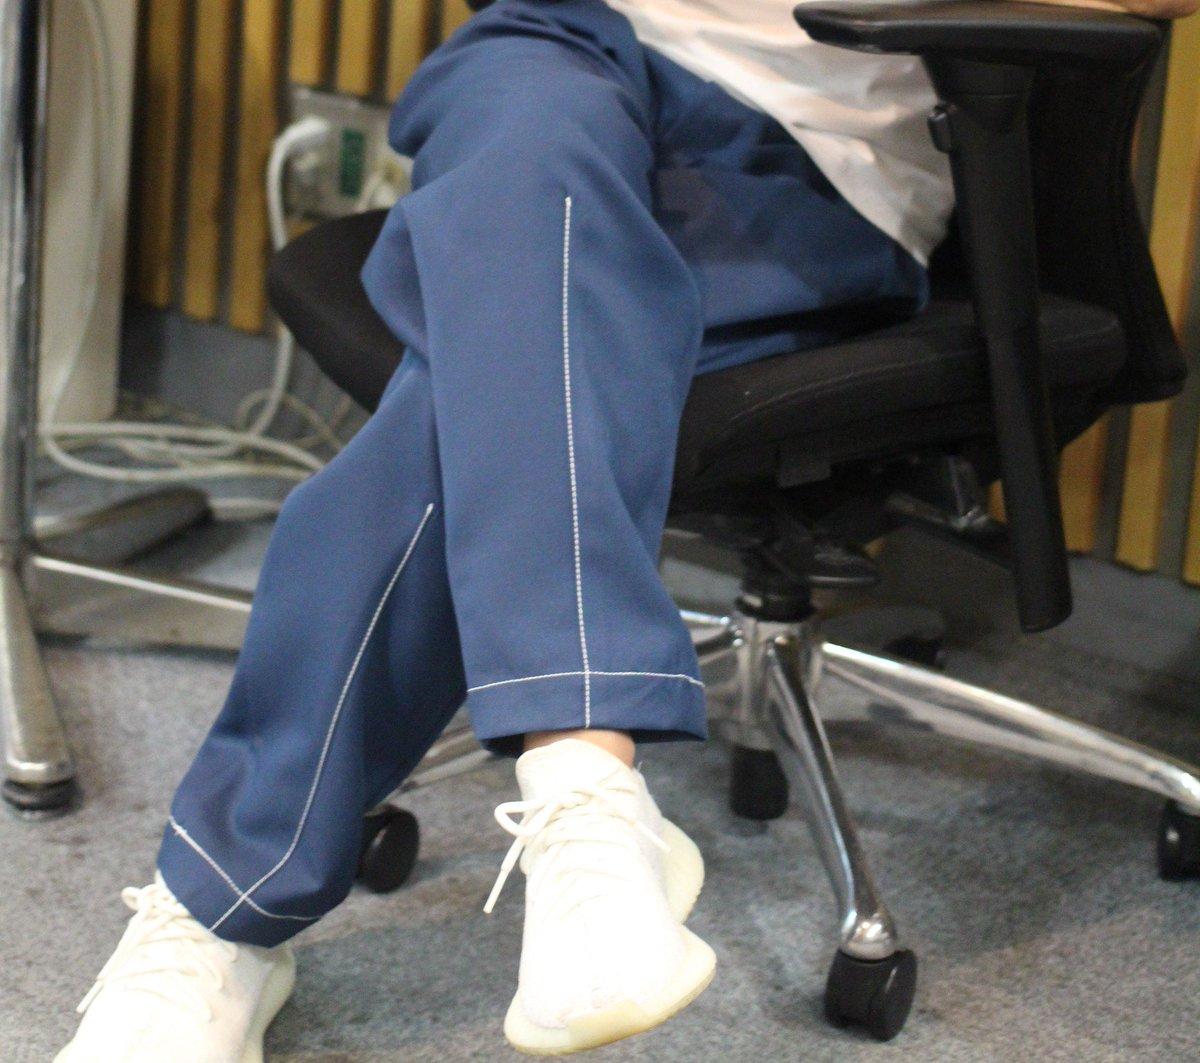 井口さん…身長低い人に太いズボンを贈るのは、君が思っているより結構、酷だ… 調子良い日はギリ155cmの低身長族より #着こなせねぇよ #良く寝た日は155cmのハズ #99ANN #井口理ANN0 #KingGnu #井口理 https://t.co/GN6Gi2jNUD